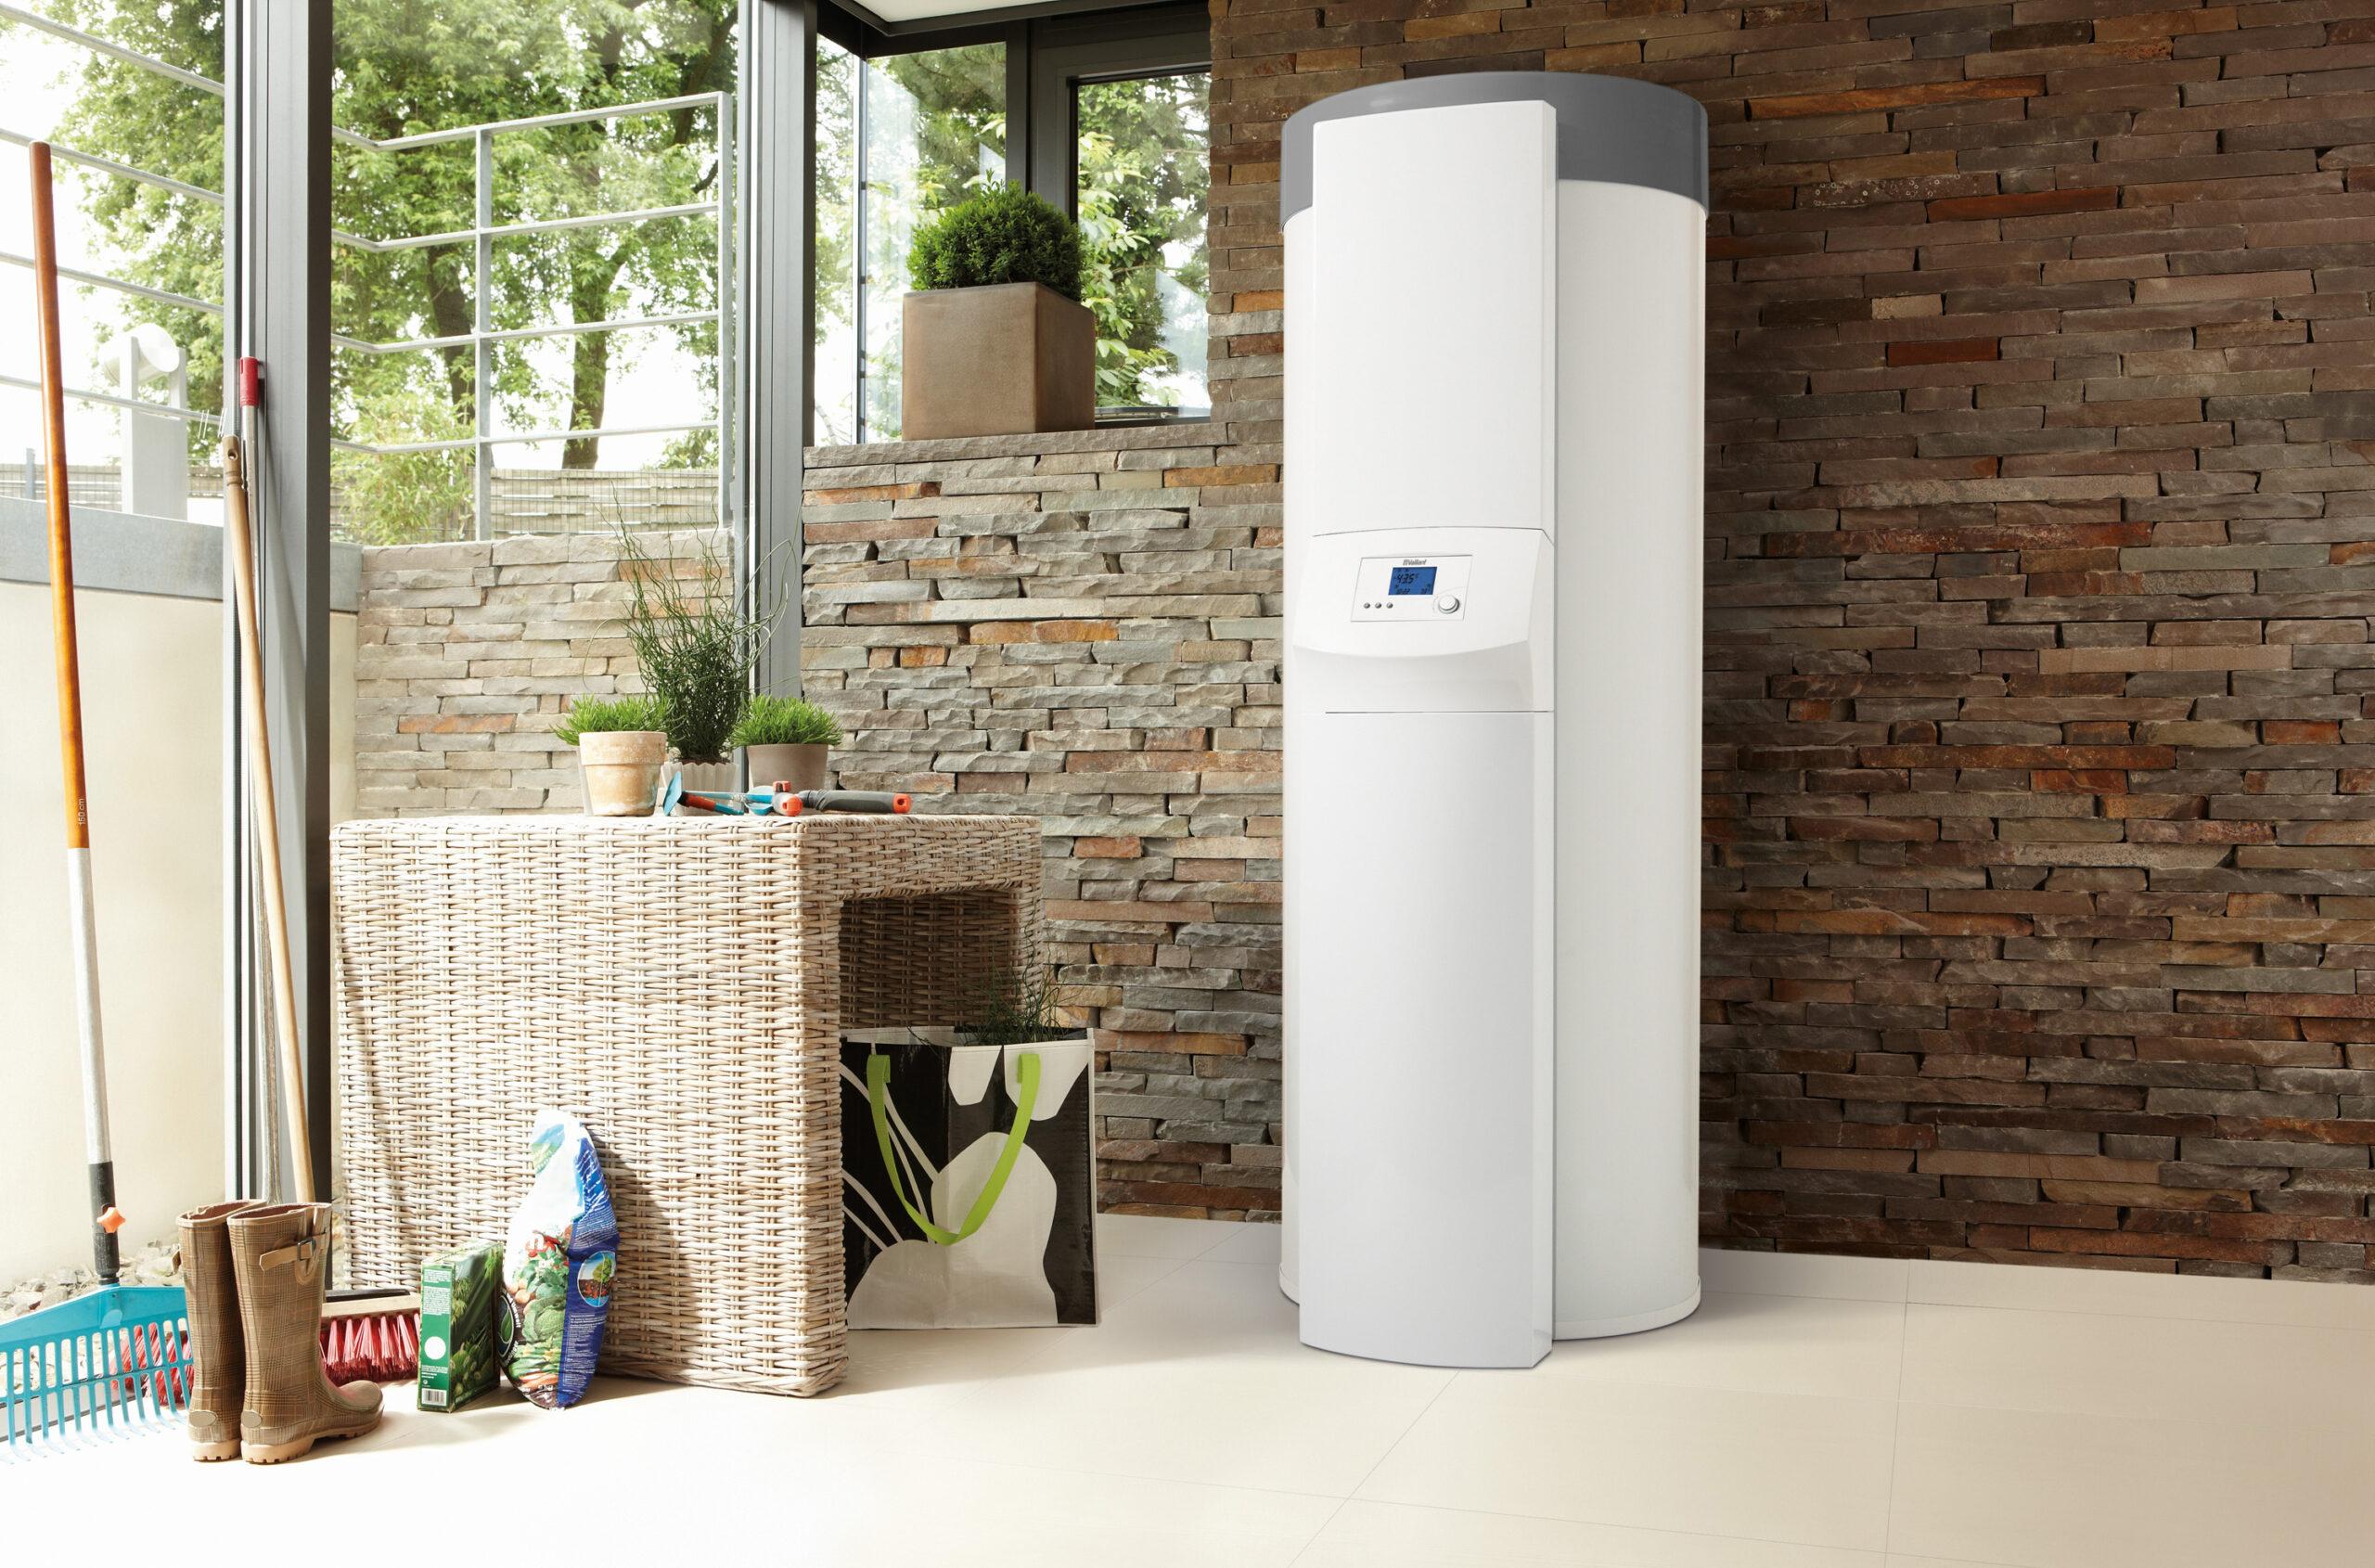 Energreen installe votre boiler thermodynamique Vaillant pour la production d'eau chaude